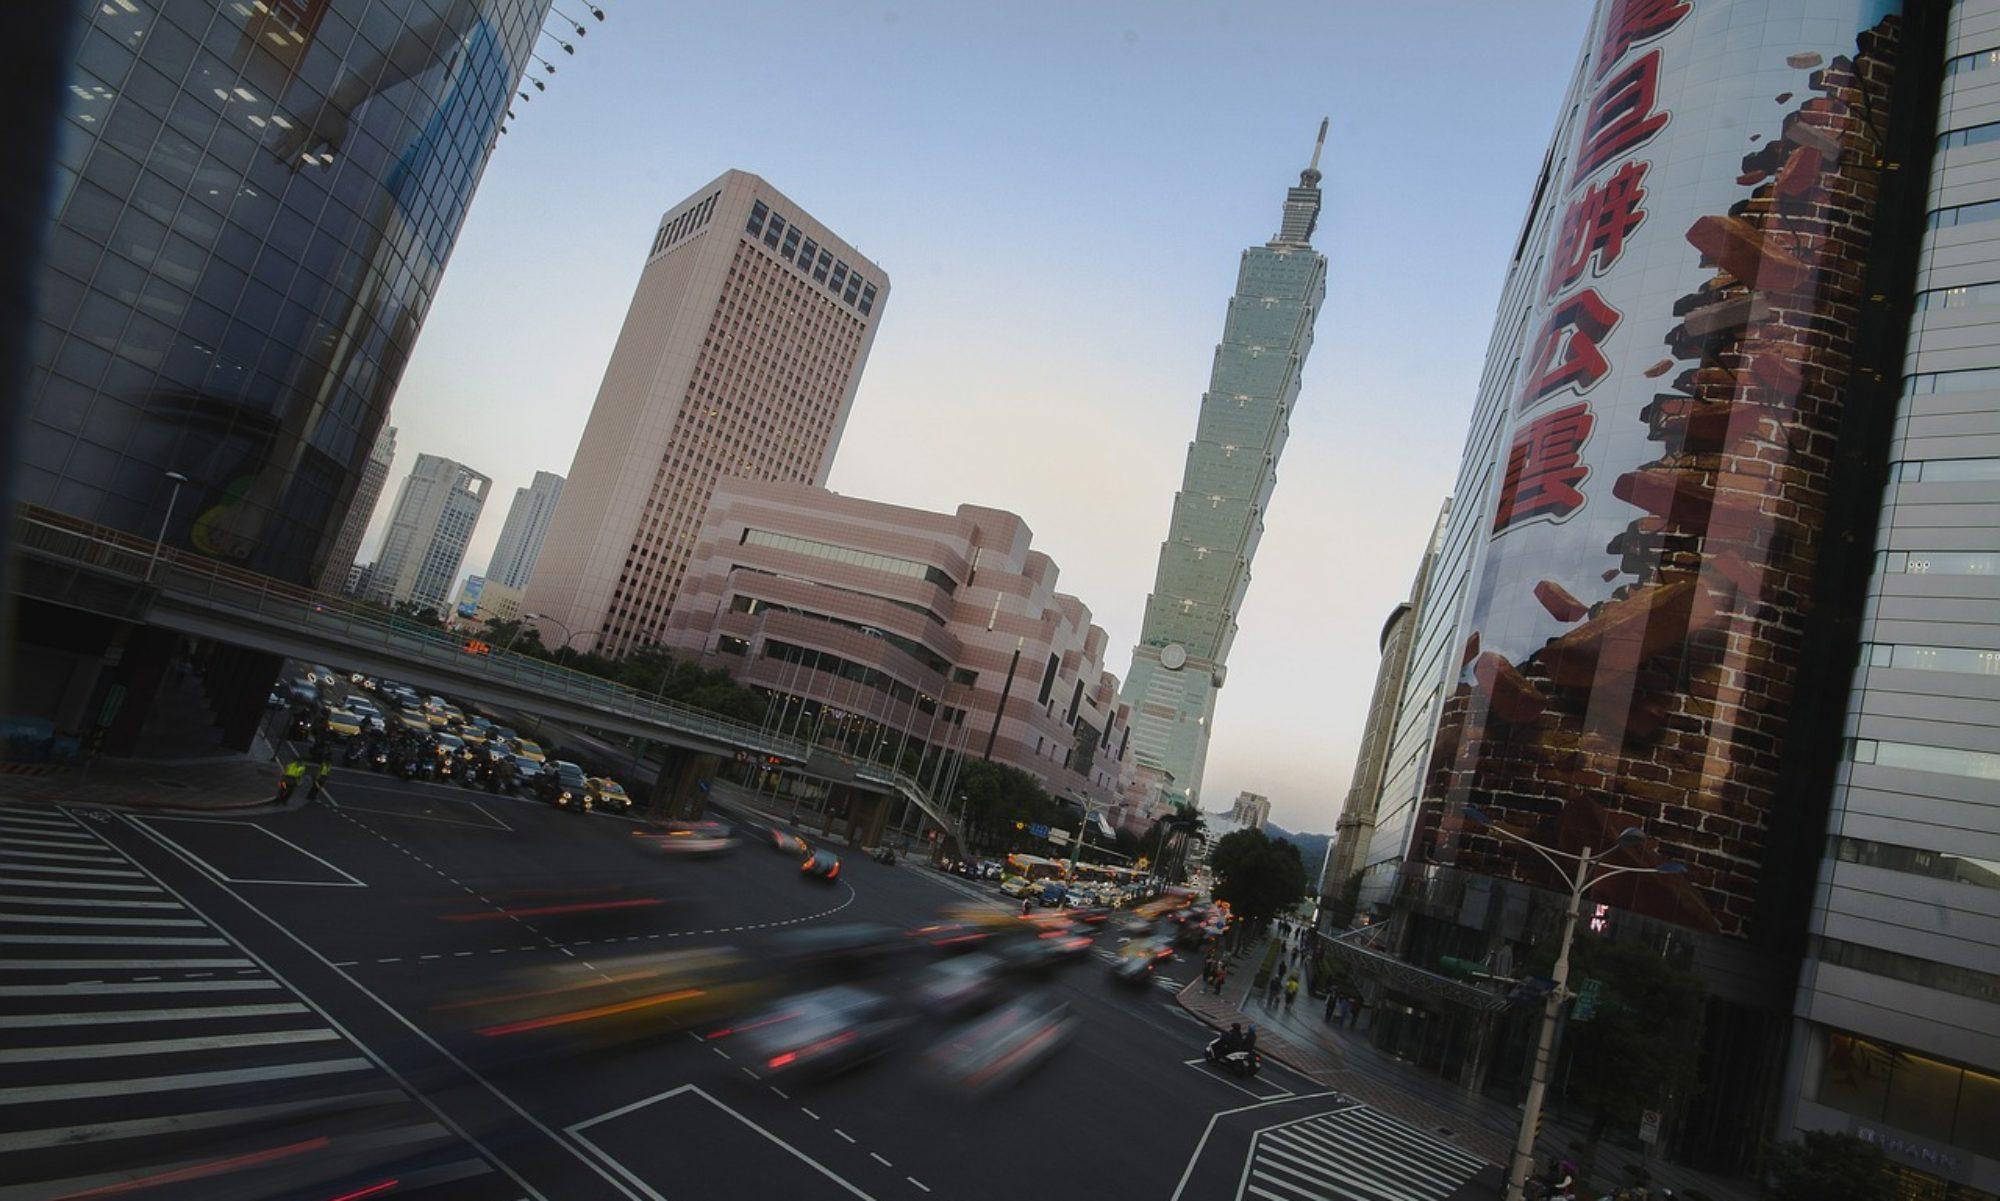 TaiwanBIZZ